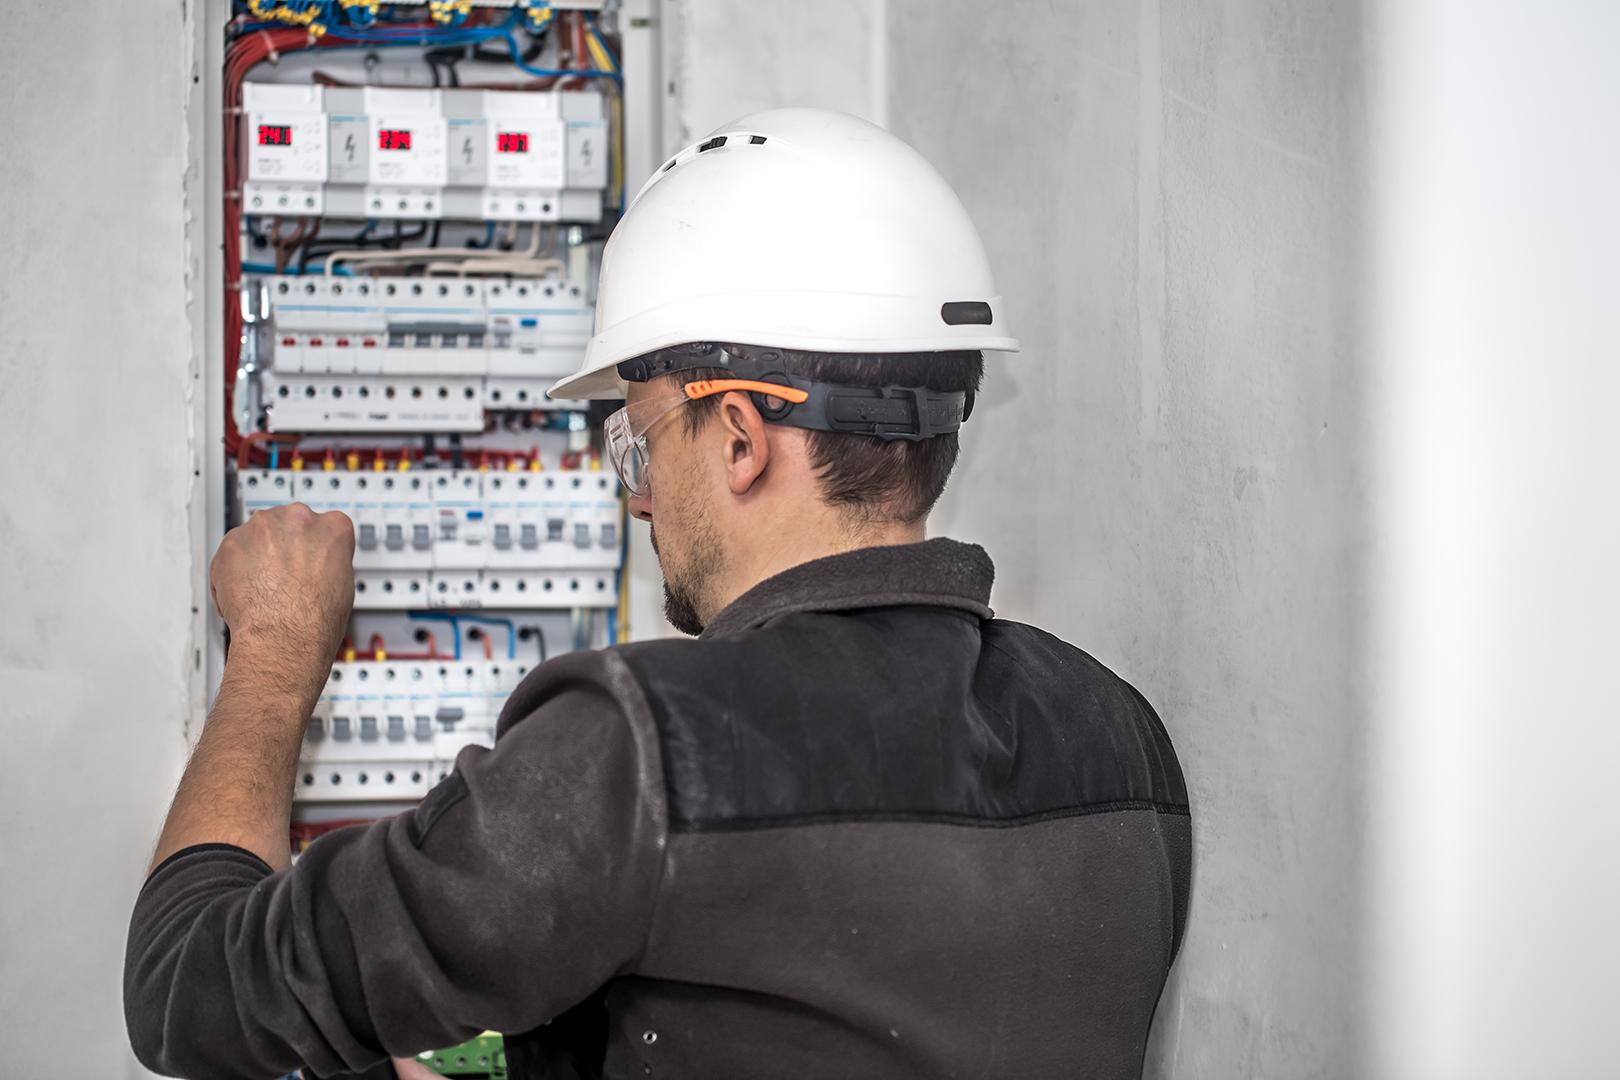 ¿Cómo cambiar la instalación eléctrica?